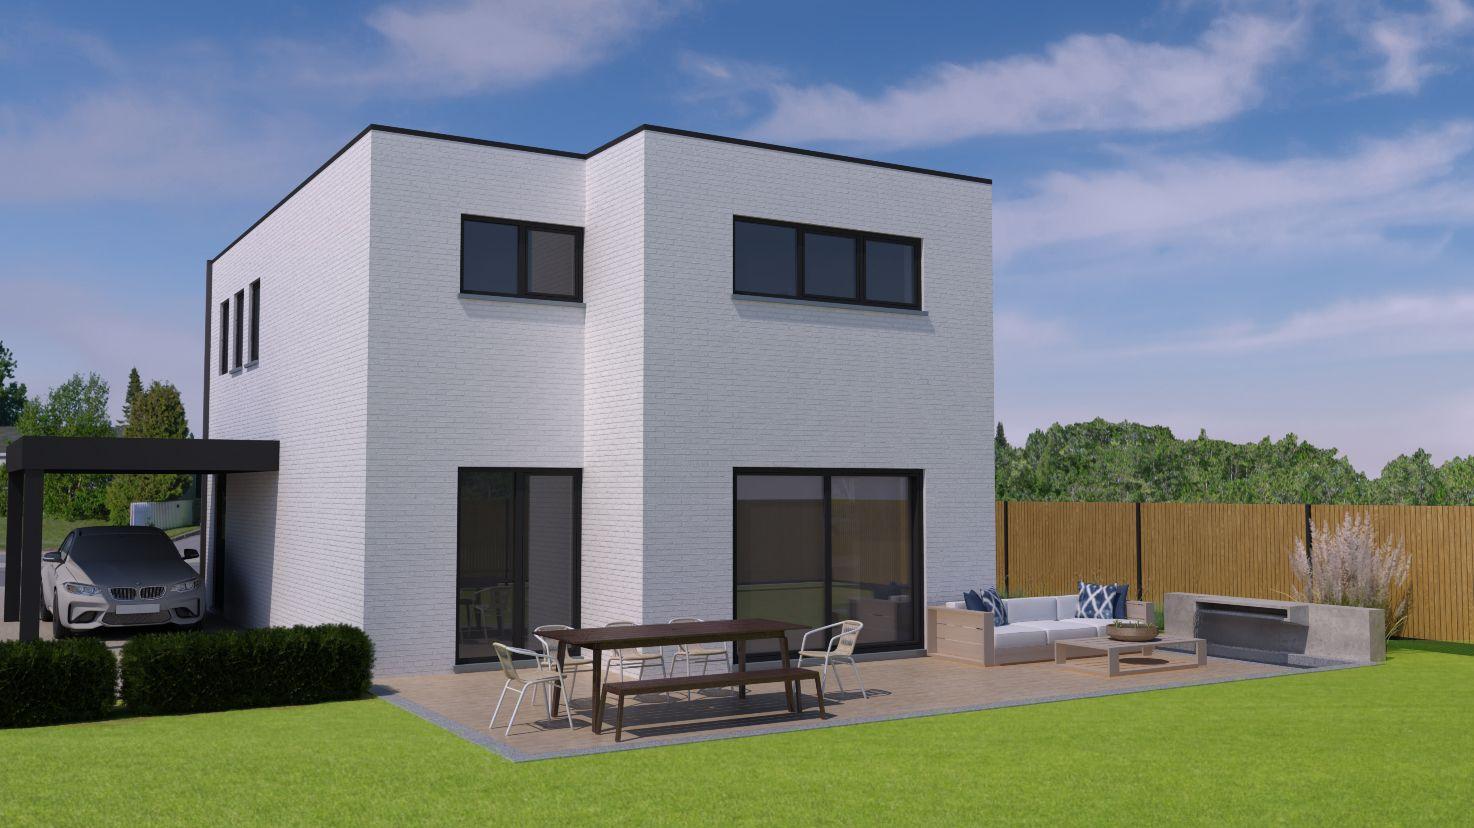 Lot 05 Massieve, strakke woning met zonnepanelen op een ruim perceel in Zonhoven